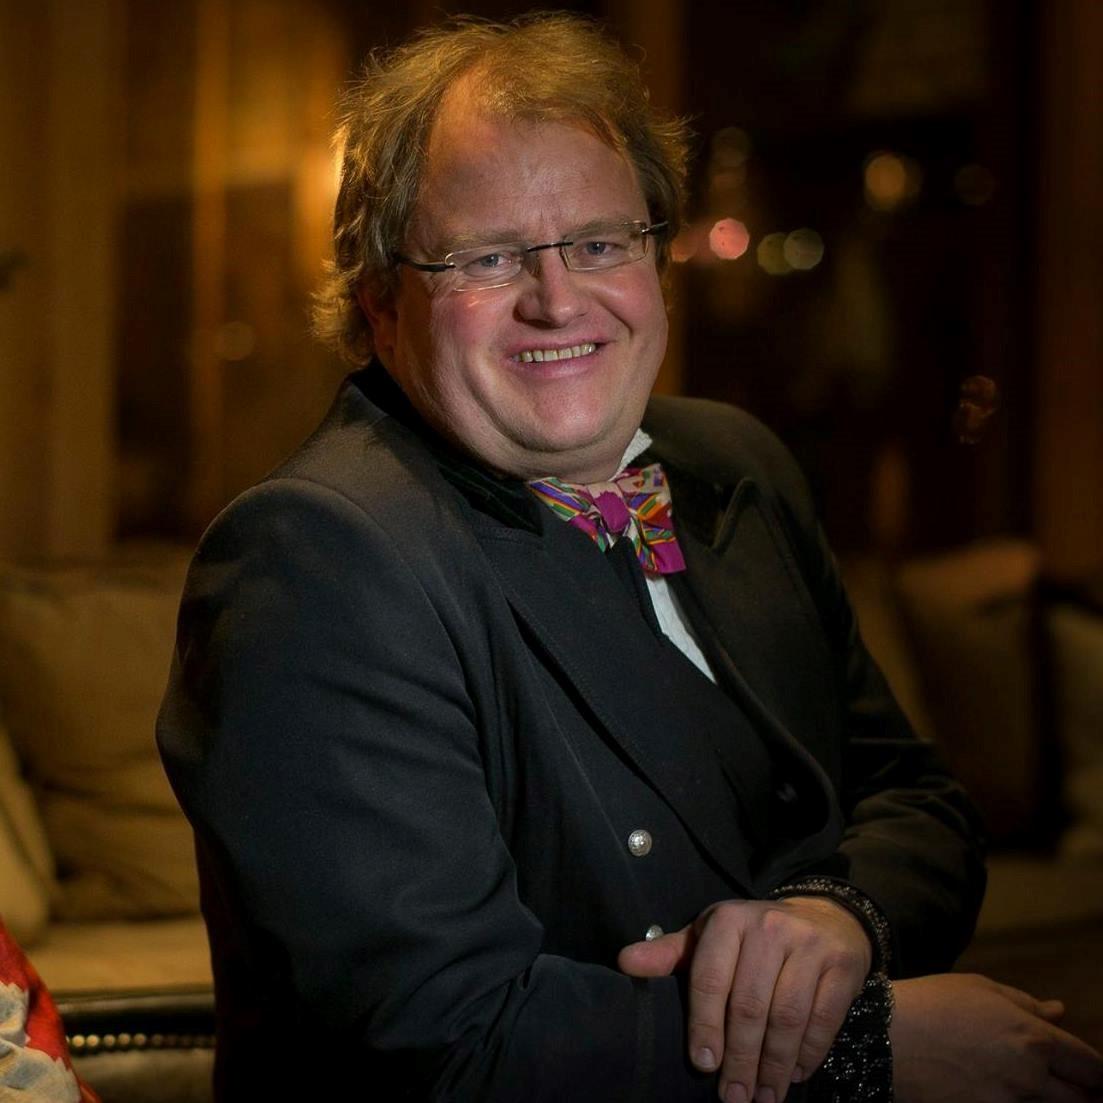 Pål Knutsson Medhus.jpg